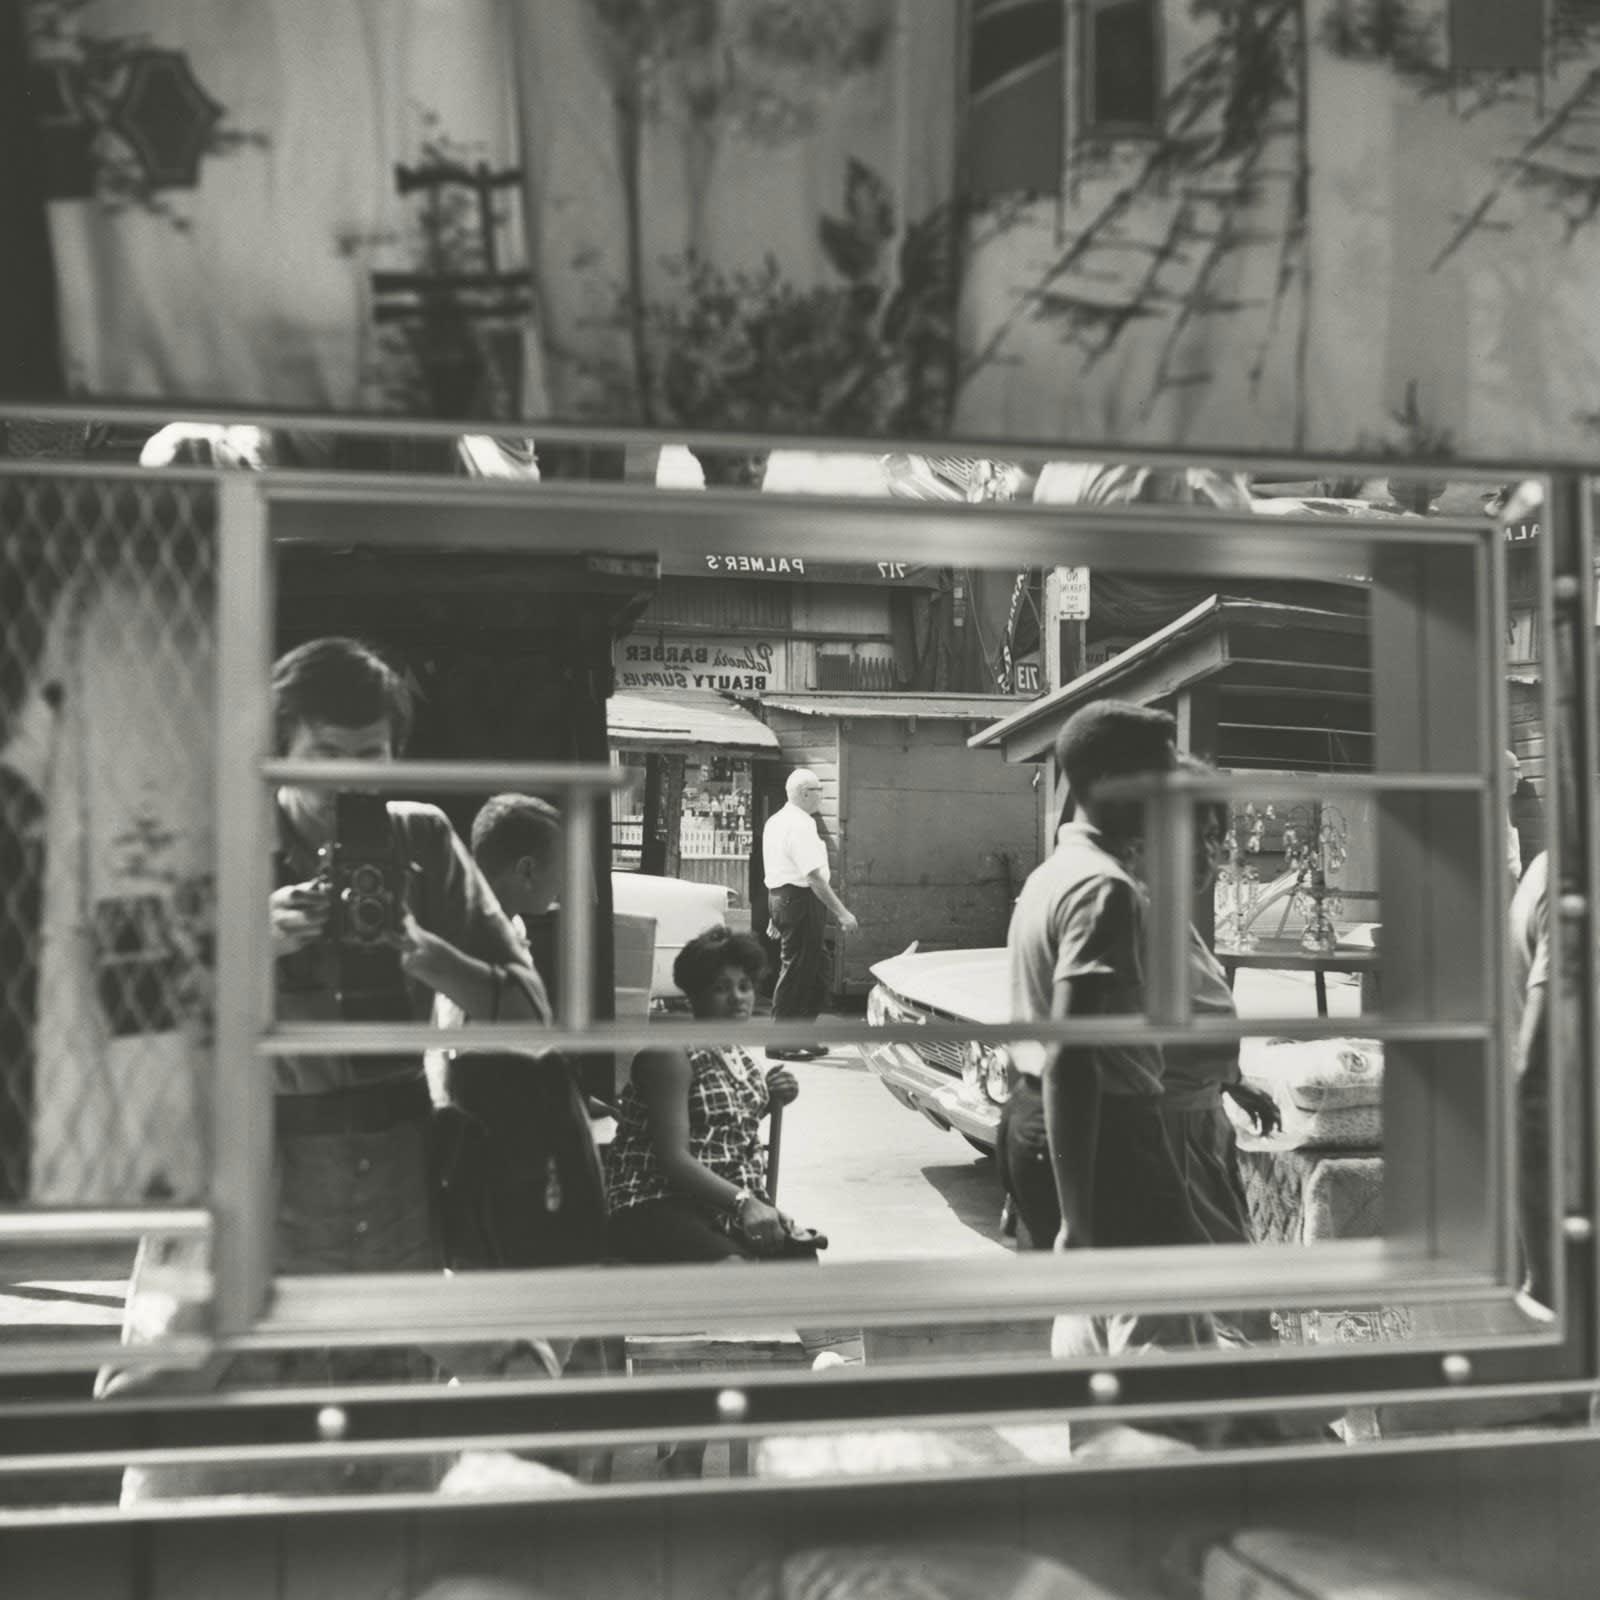 Vivian Maier Self-portrait, Halsted Street, Chicago Tirage gélatino-argentique, posthume 30 x 30 cm Dim. papier: 40 x 50 cm